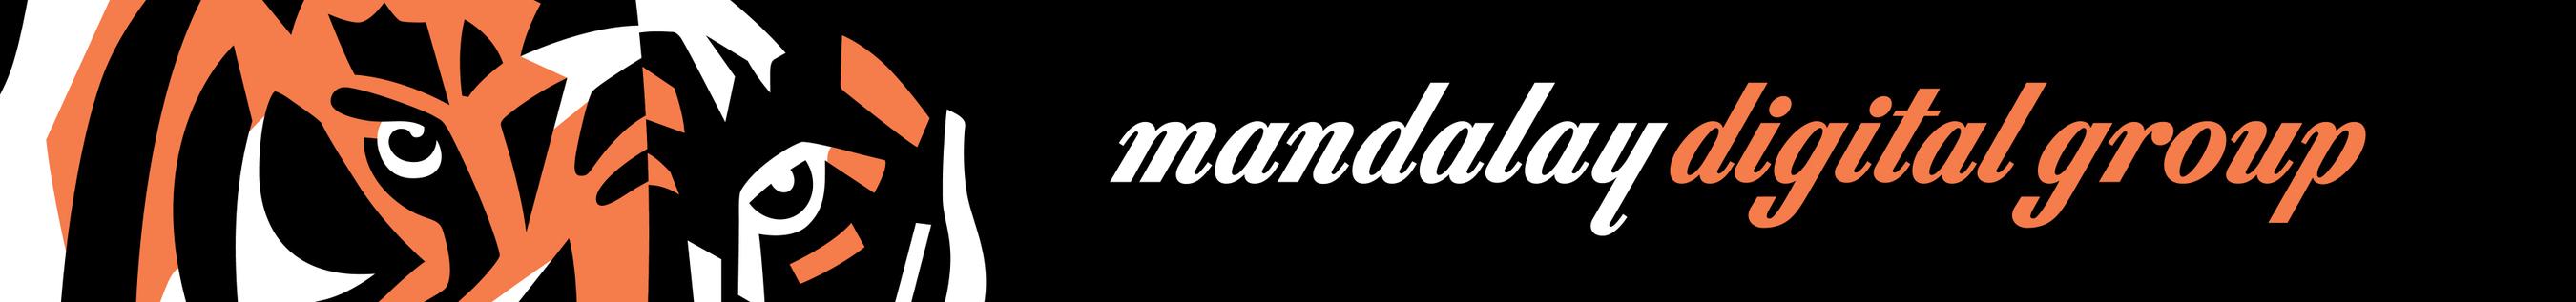 Mandalay Digital Group, Inc.